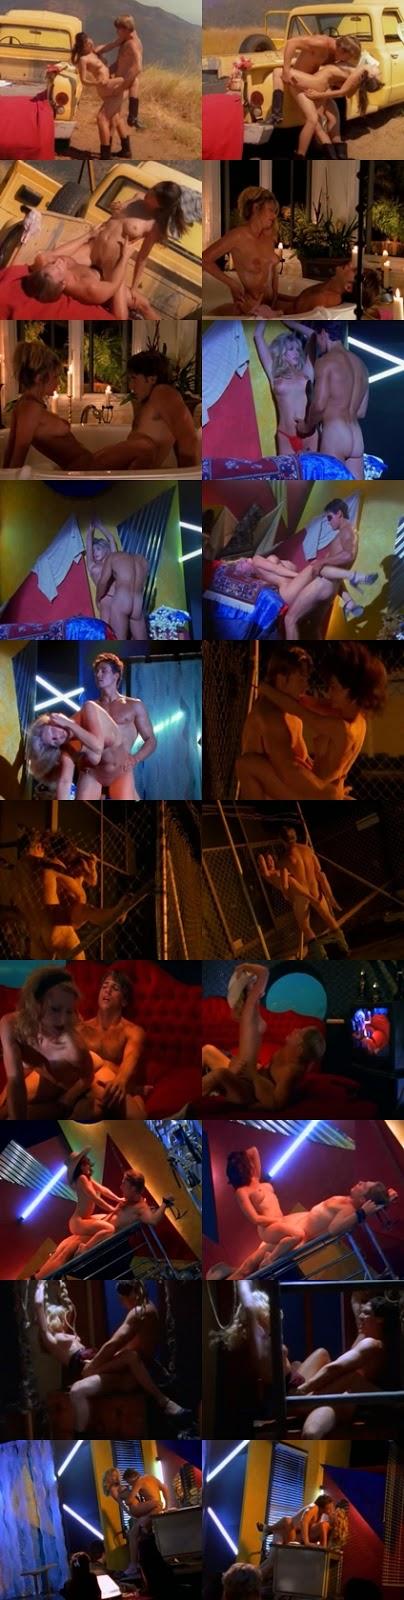 softcore porn video s